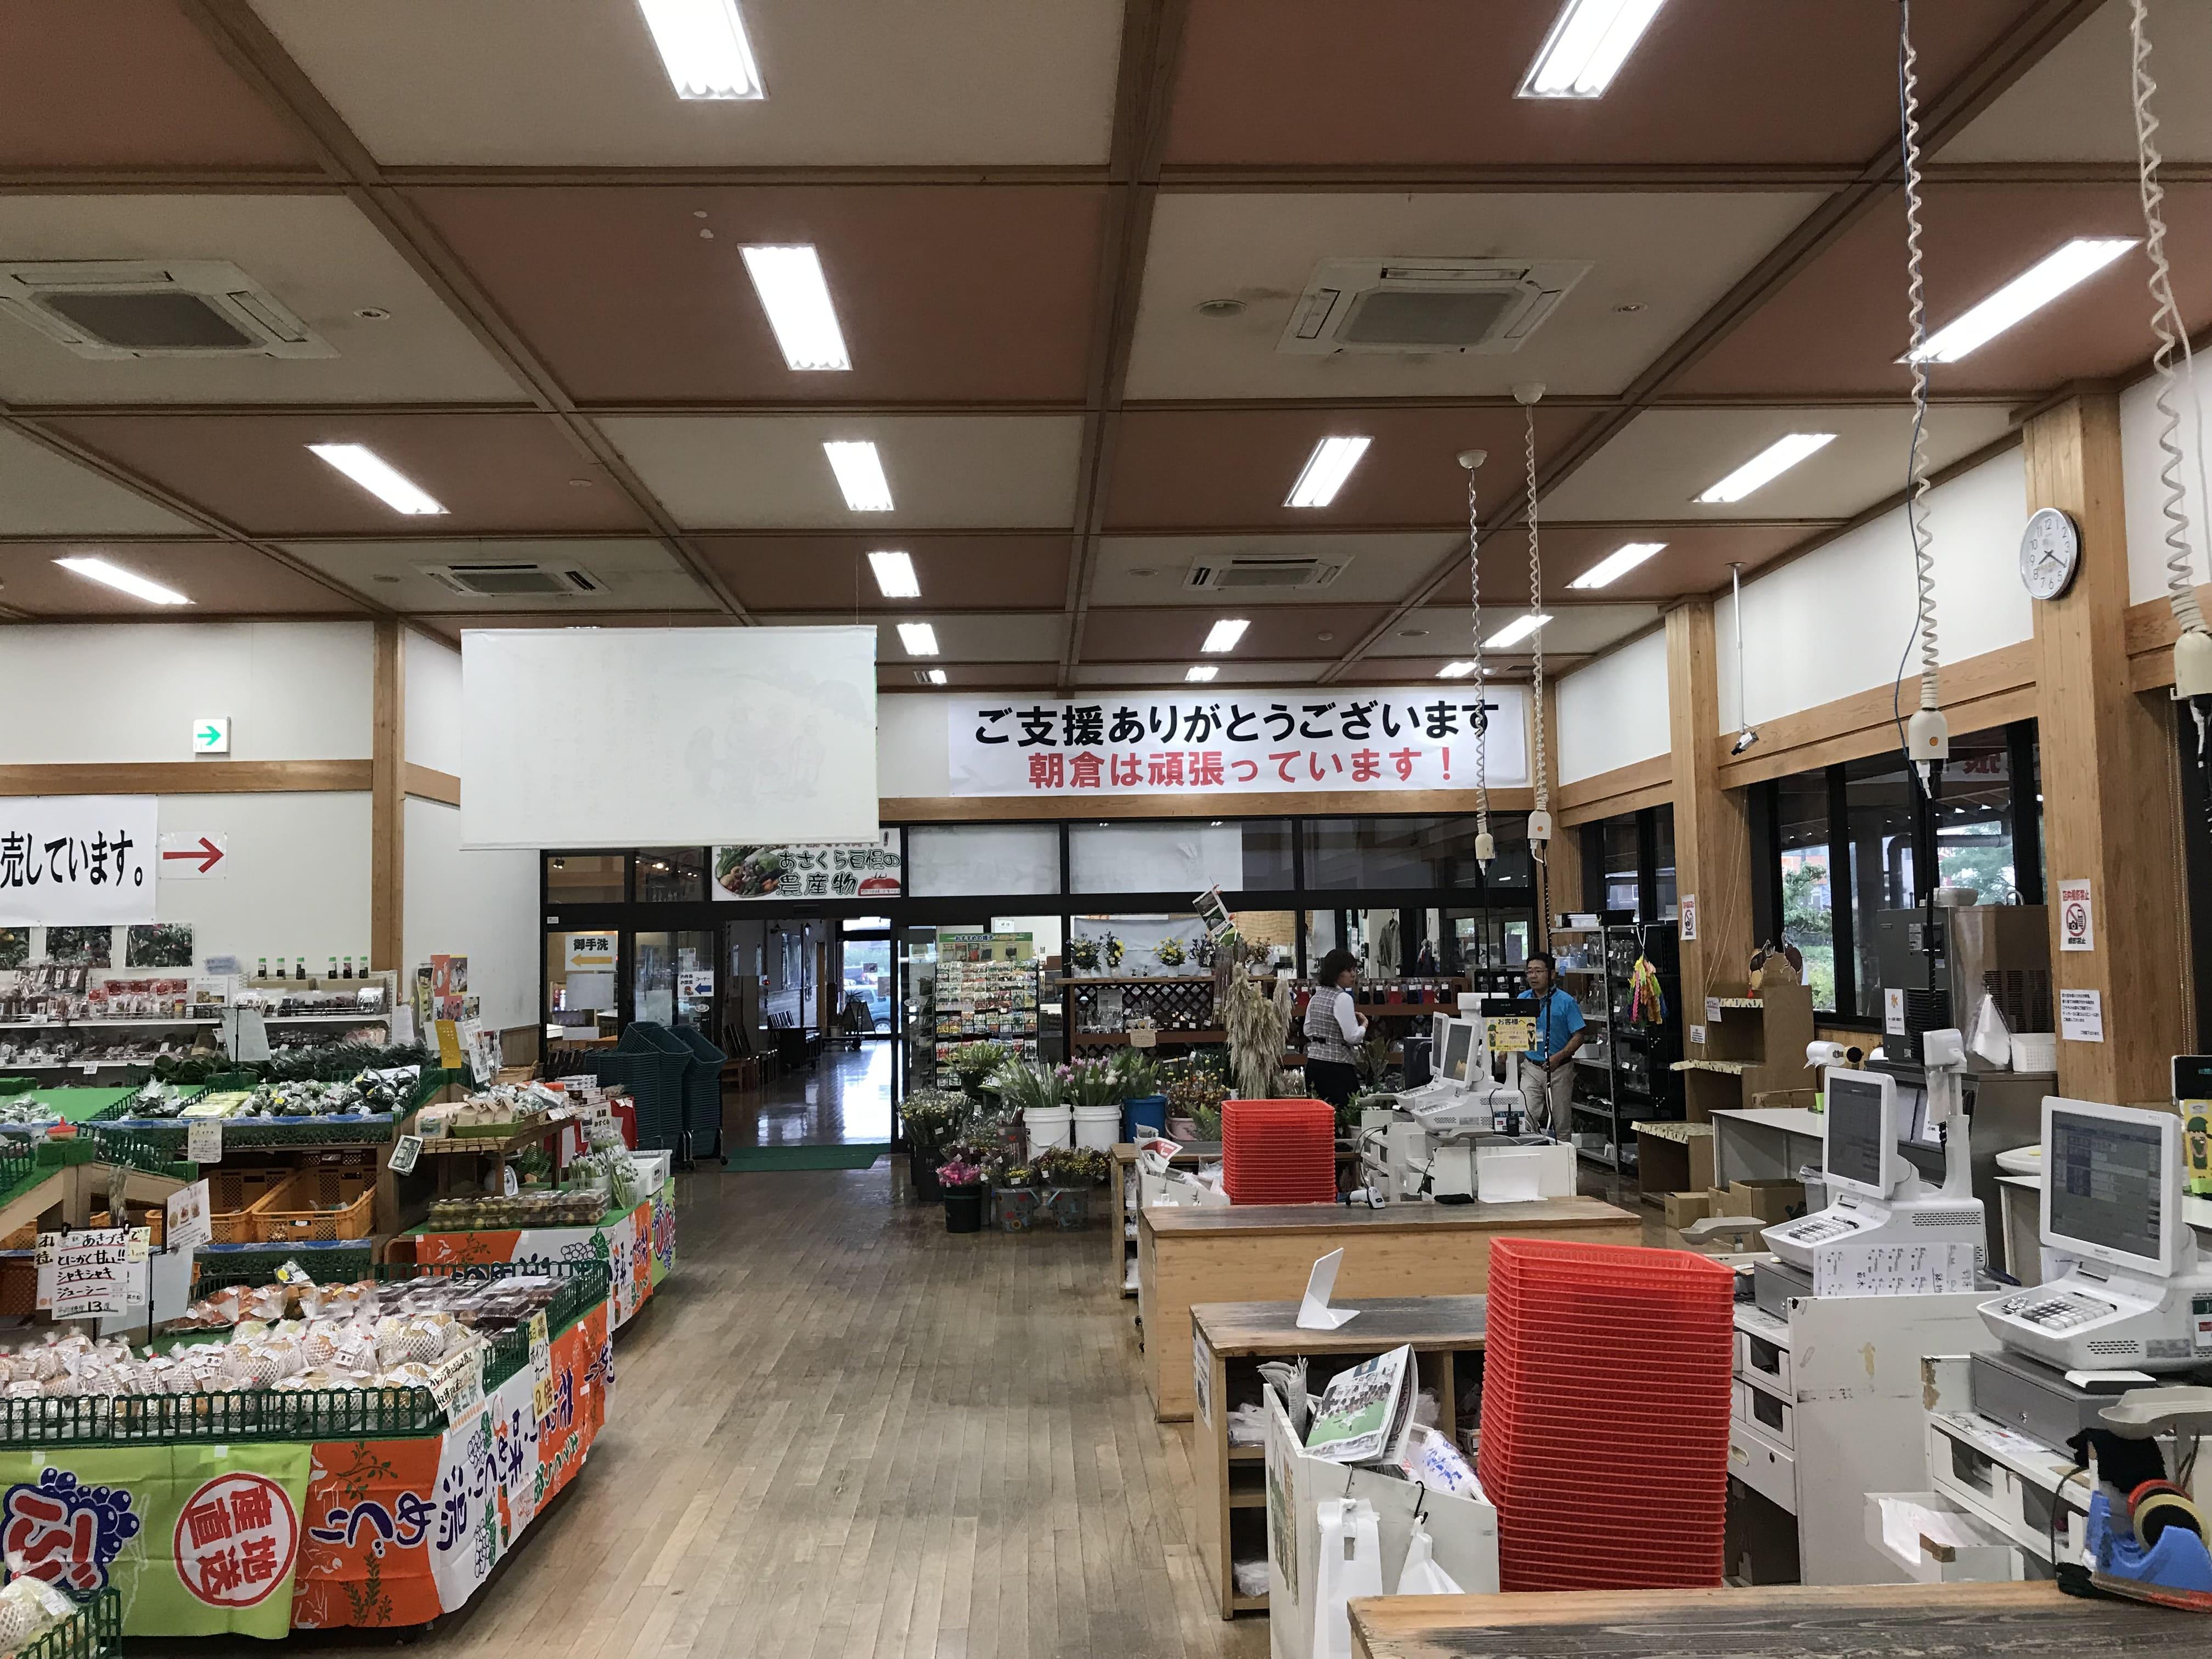 リレーフォライフ福岡2018画像1